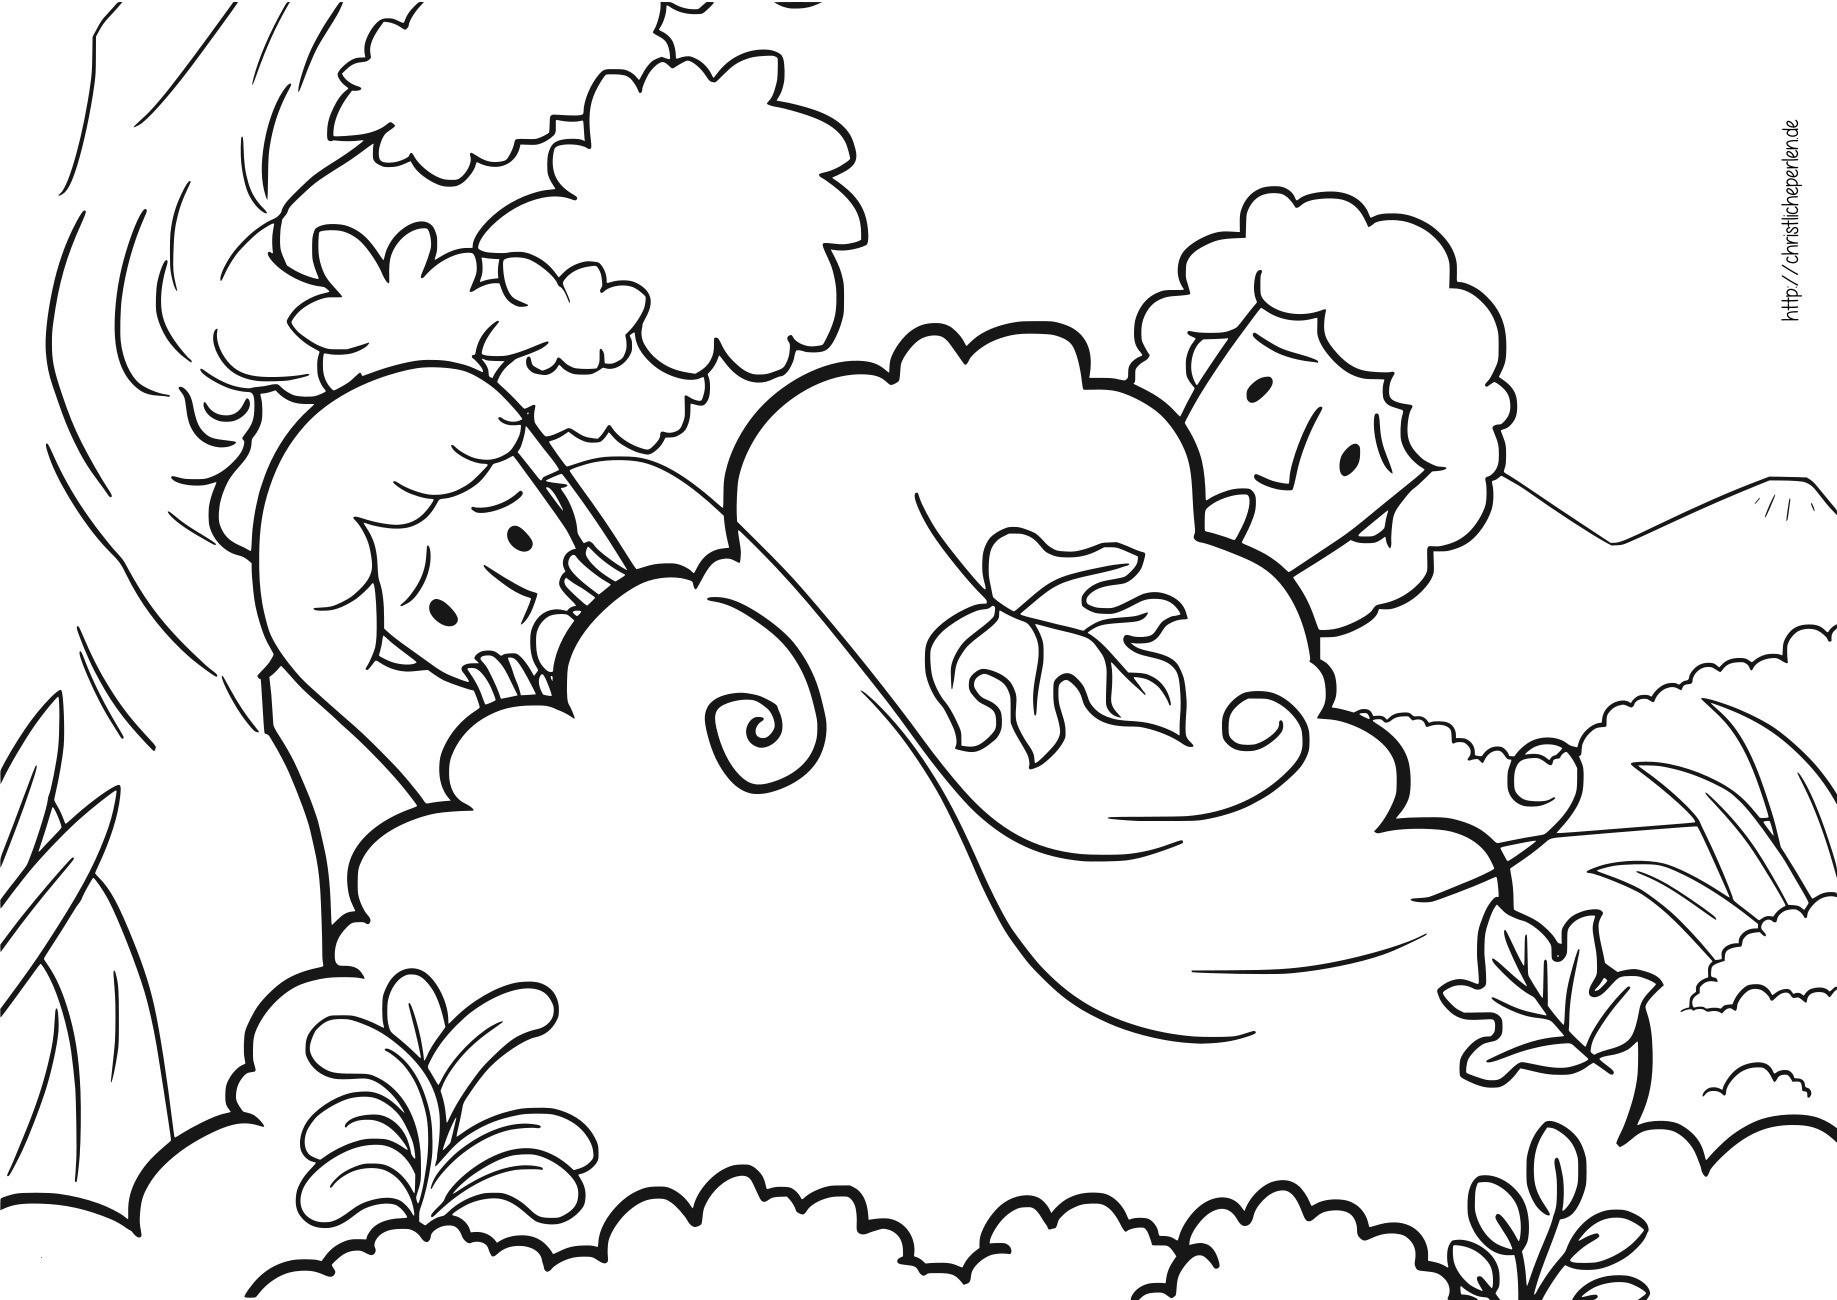 Der Kleine Maulwurf Ausmalbilder Frisch Ausmalbilder Kleiner Maulwurf Genial Adam Und Eva Ausmalbilder Galerie